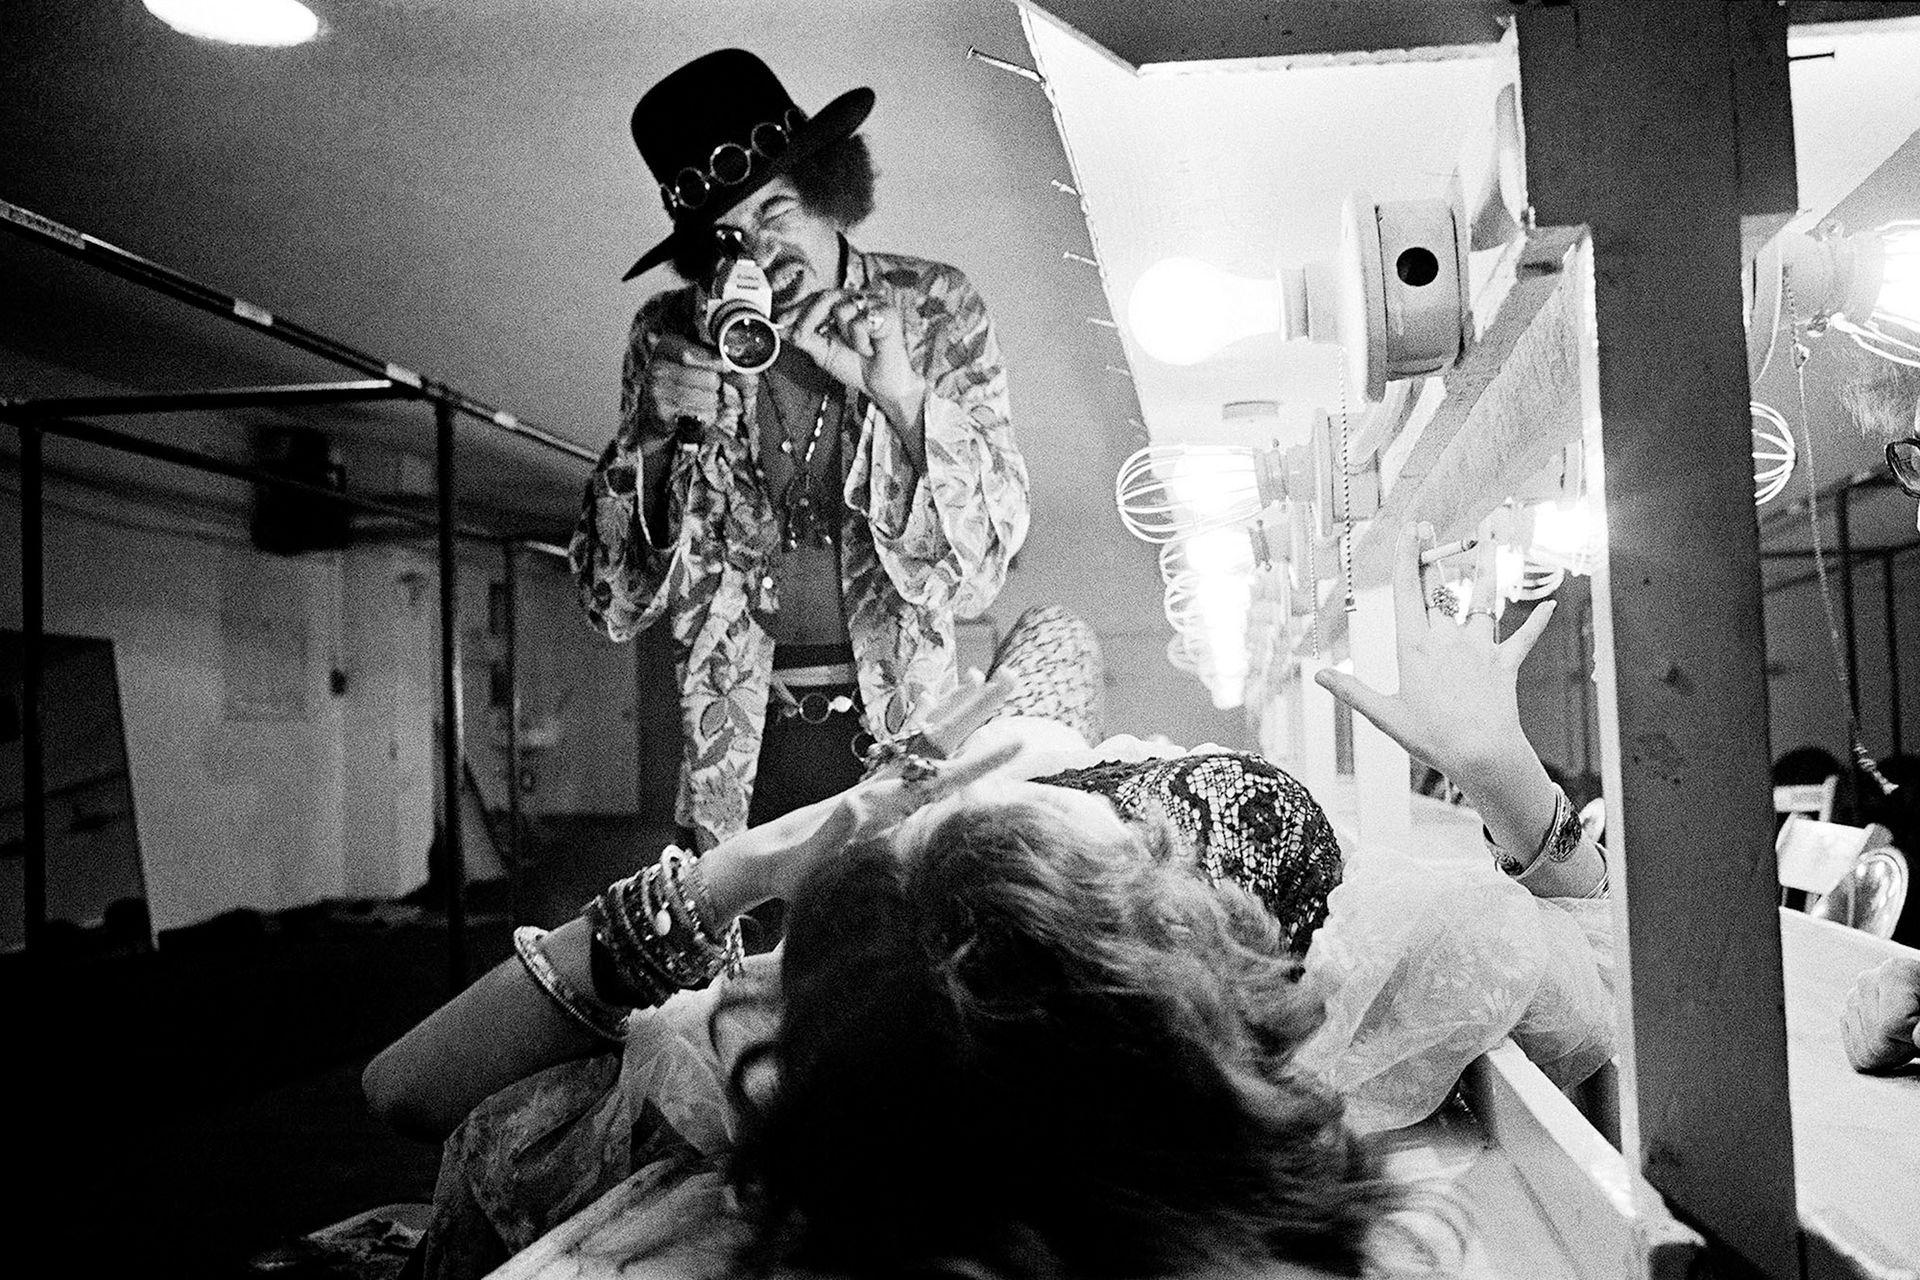 Hendrix filma a Joplin en el backstage de Winterland, en San Francisco, en 1968; fueron buenos amigos